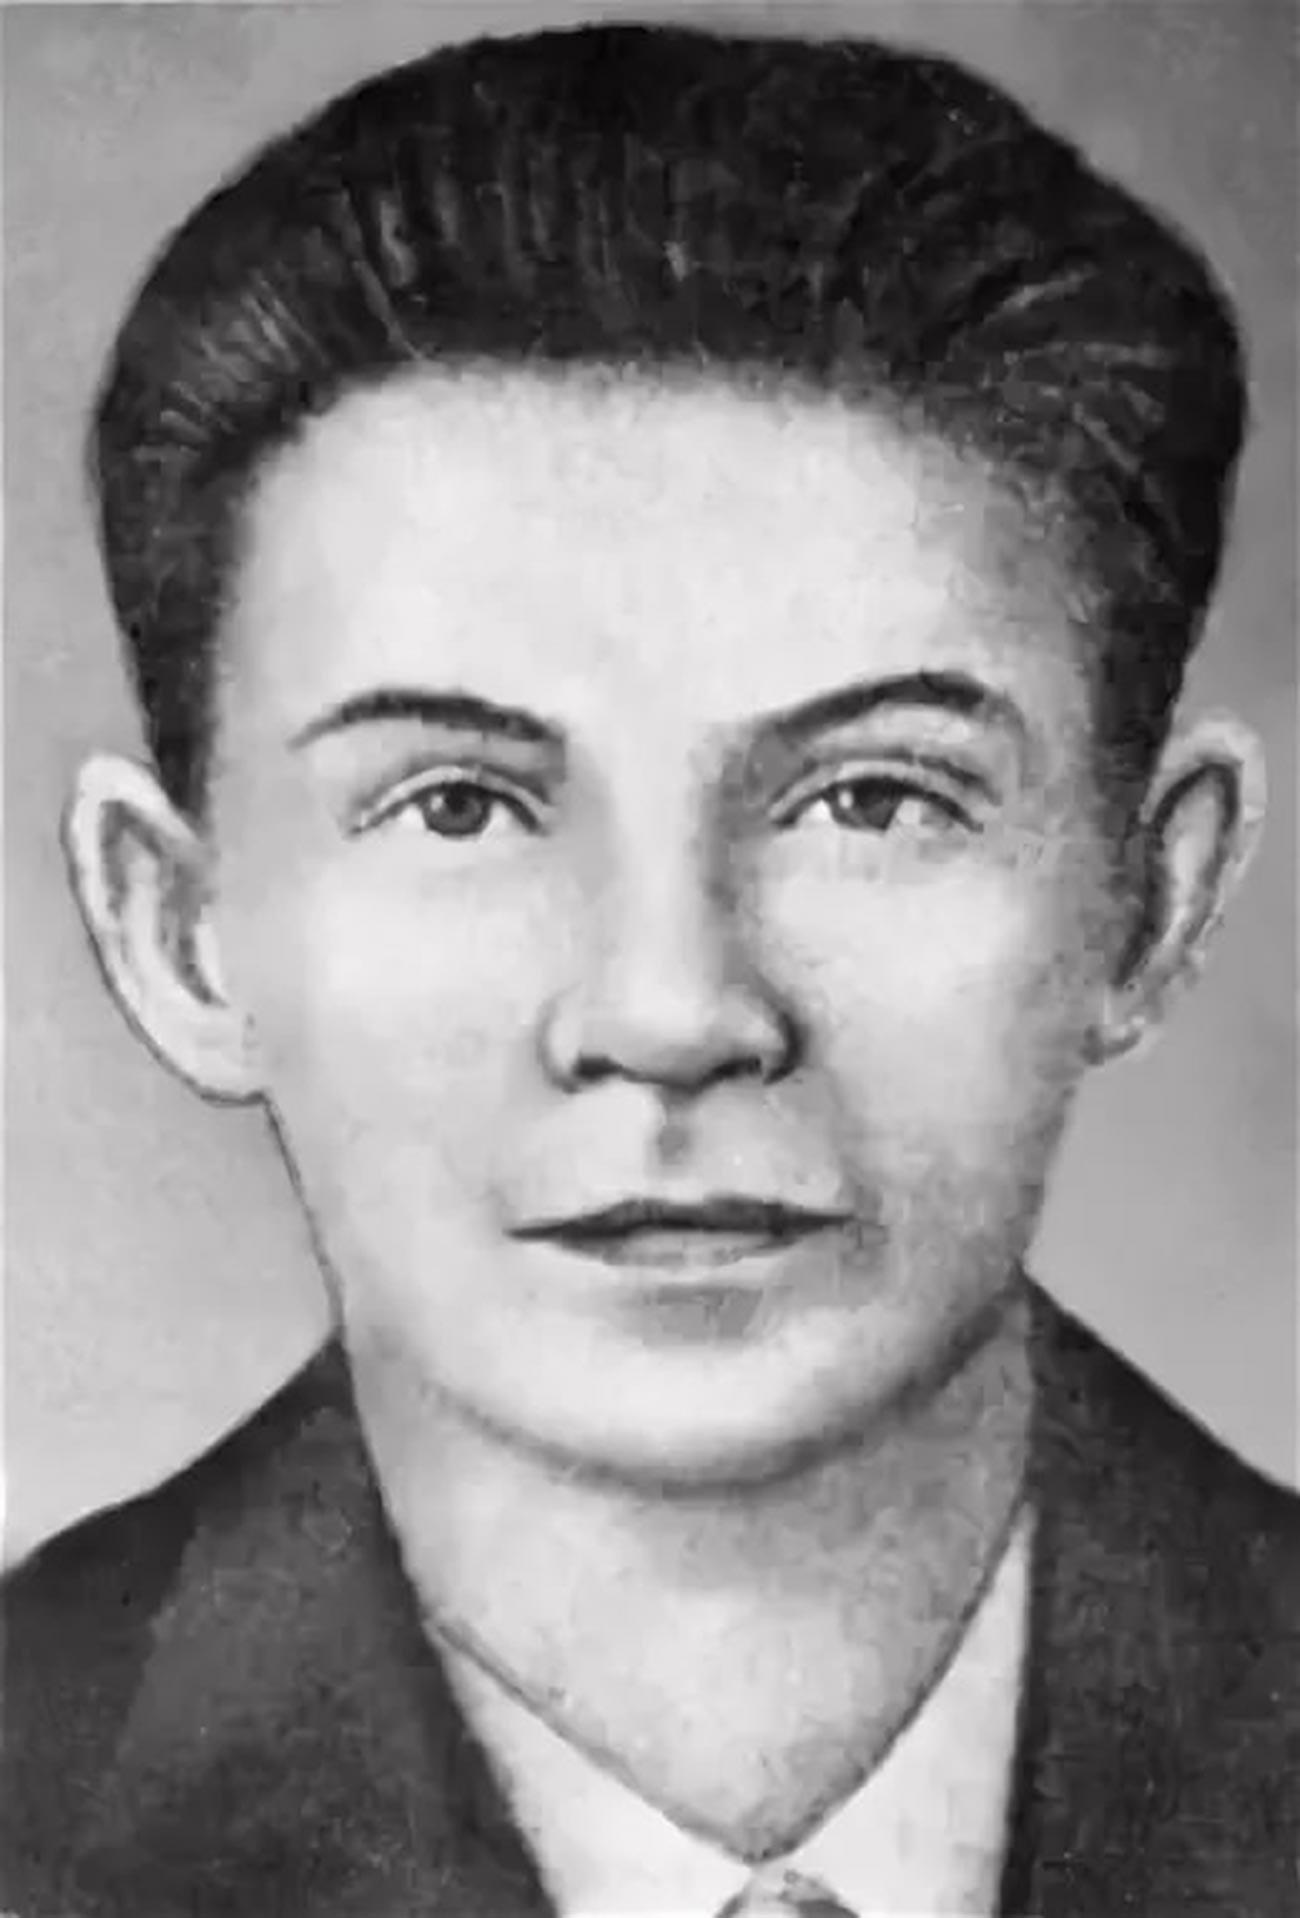 Херој Совјетског Савеза В. И. Јермак. 19.07.1943. својим телом је затворио пушкарницу непријатељског бункера.